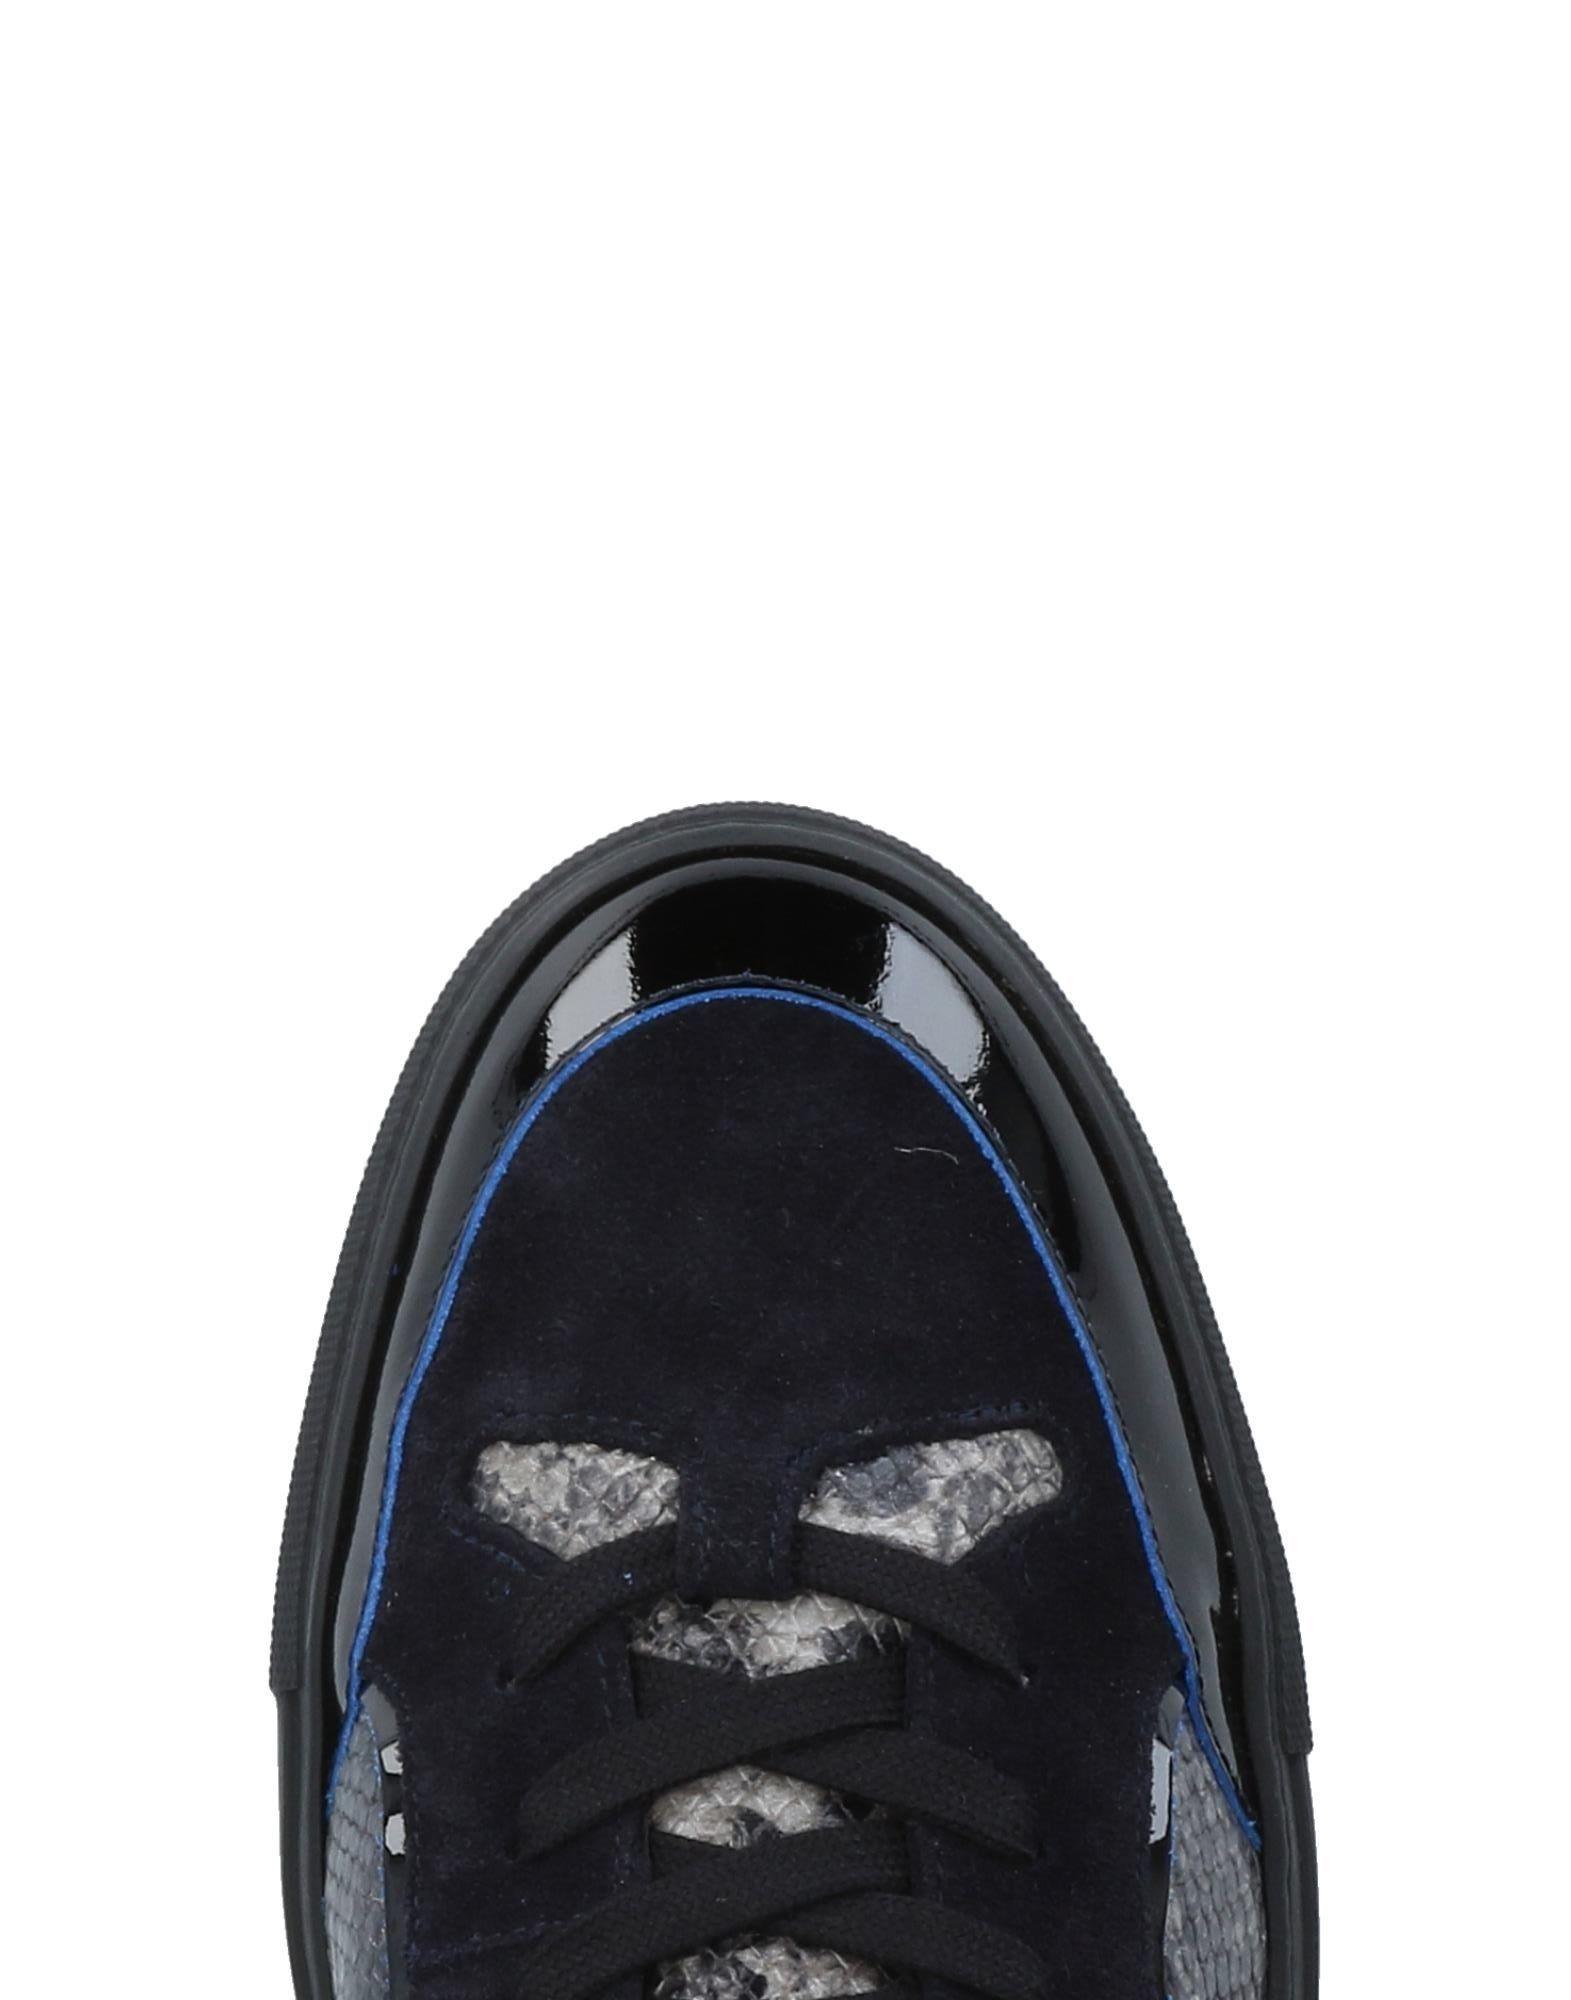 Just Cavalli Sneakers Herren  11474556UC Gute Qualität beliebte Schuhe